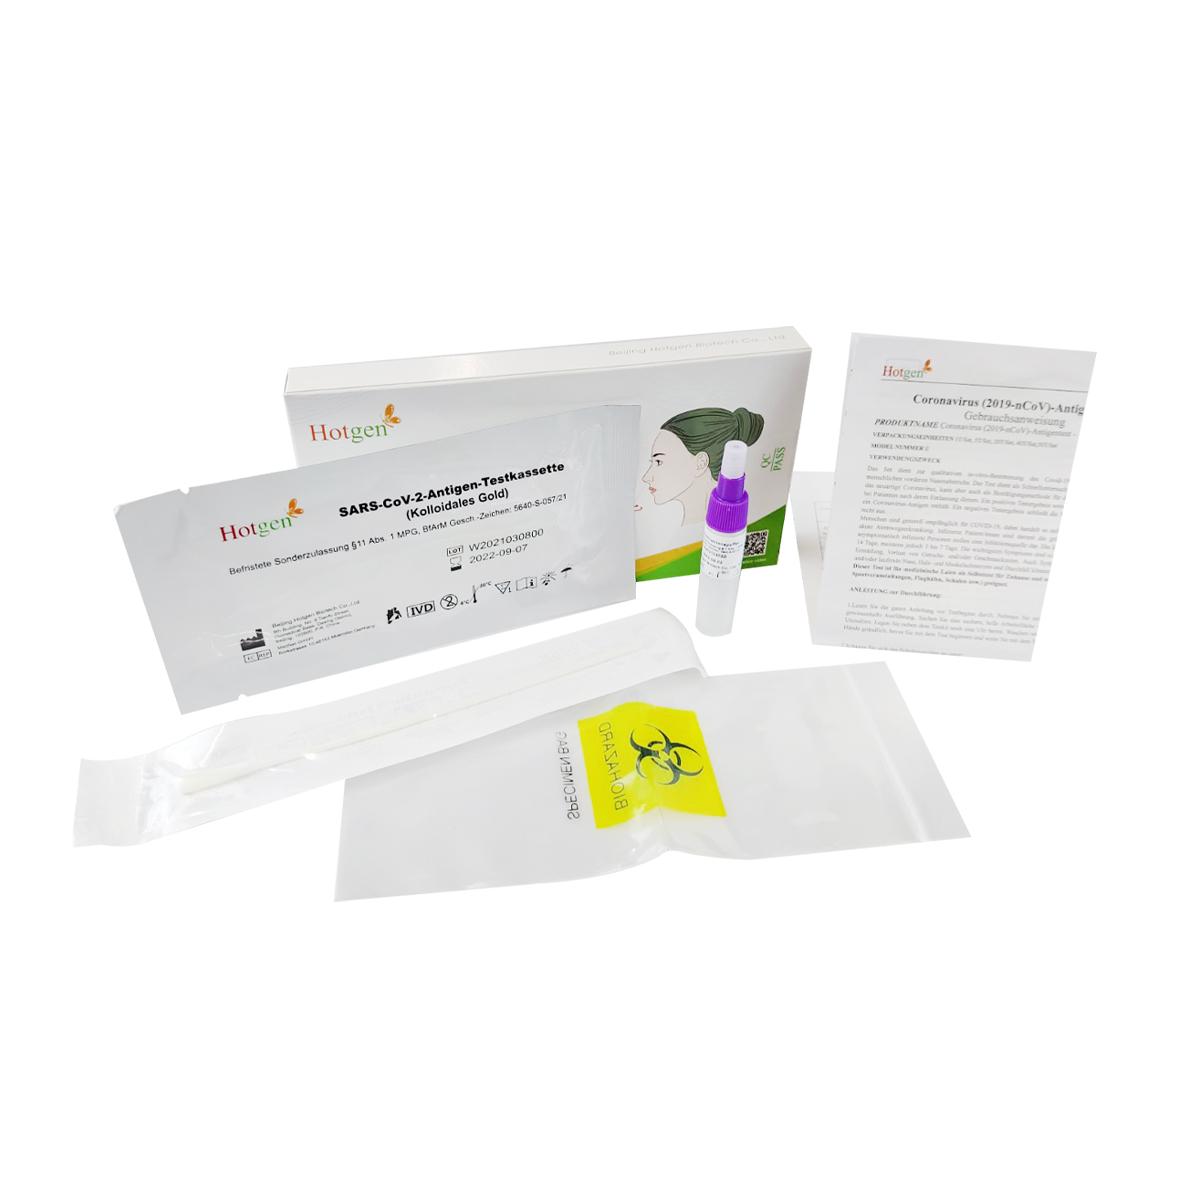 Hotgen Coronavirus - Antigen Schnelltest - Selbsttest (1 Stk)